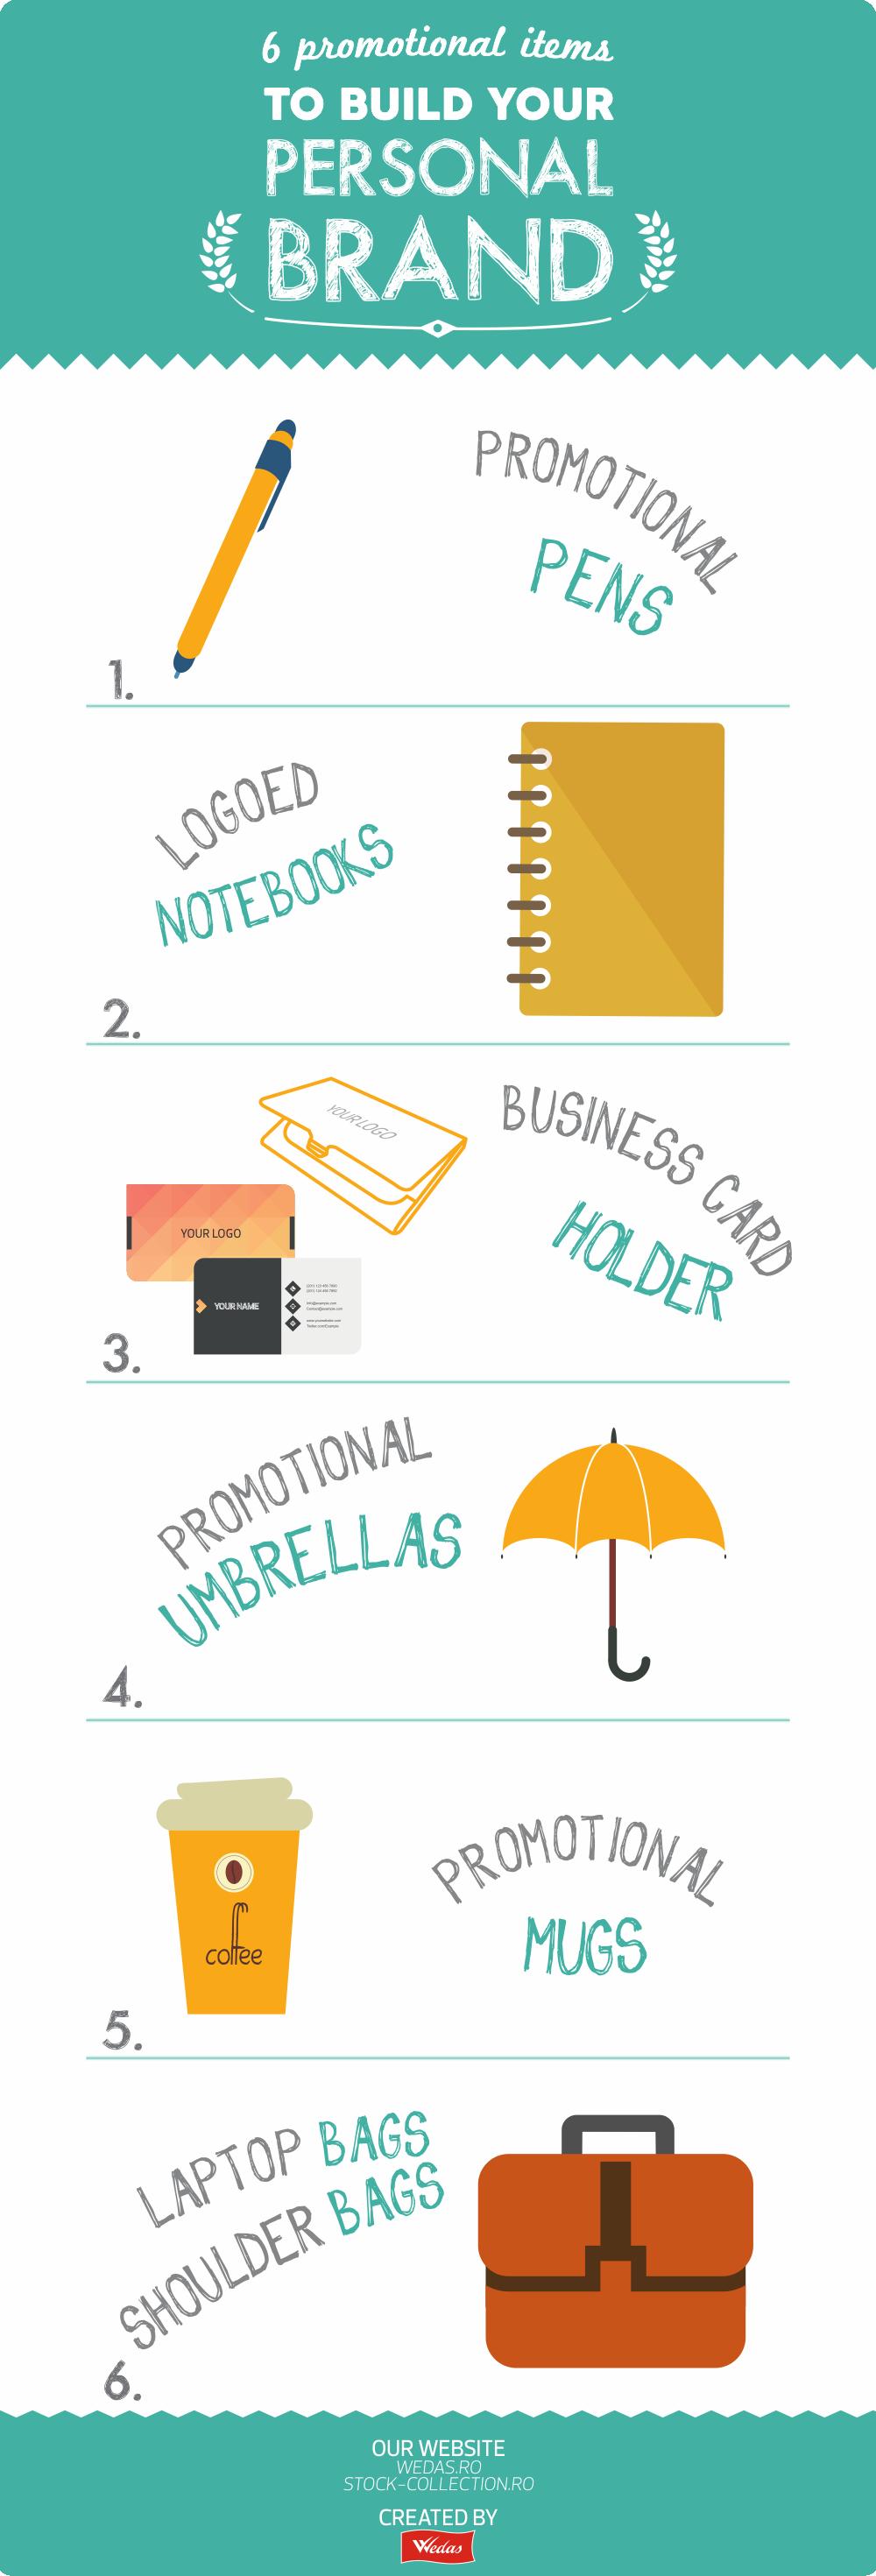 Construirea brandului personal cu ajutorul produselor promotionale: http://www.wedas.ro/materiale-promotionale/blog/construirea-brandului-personal-cu-ajutorul-produselor-promotionale